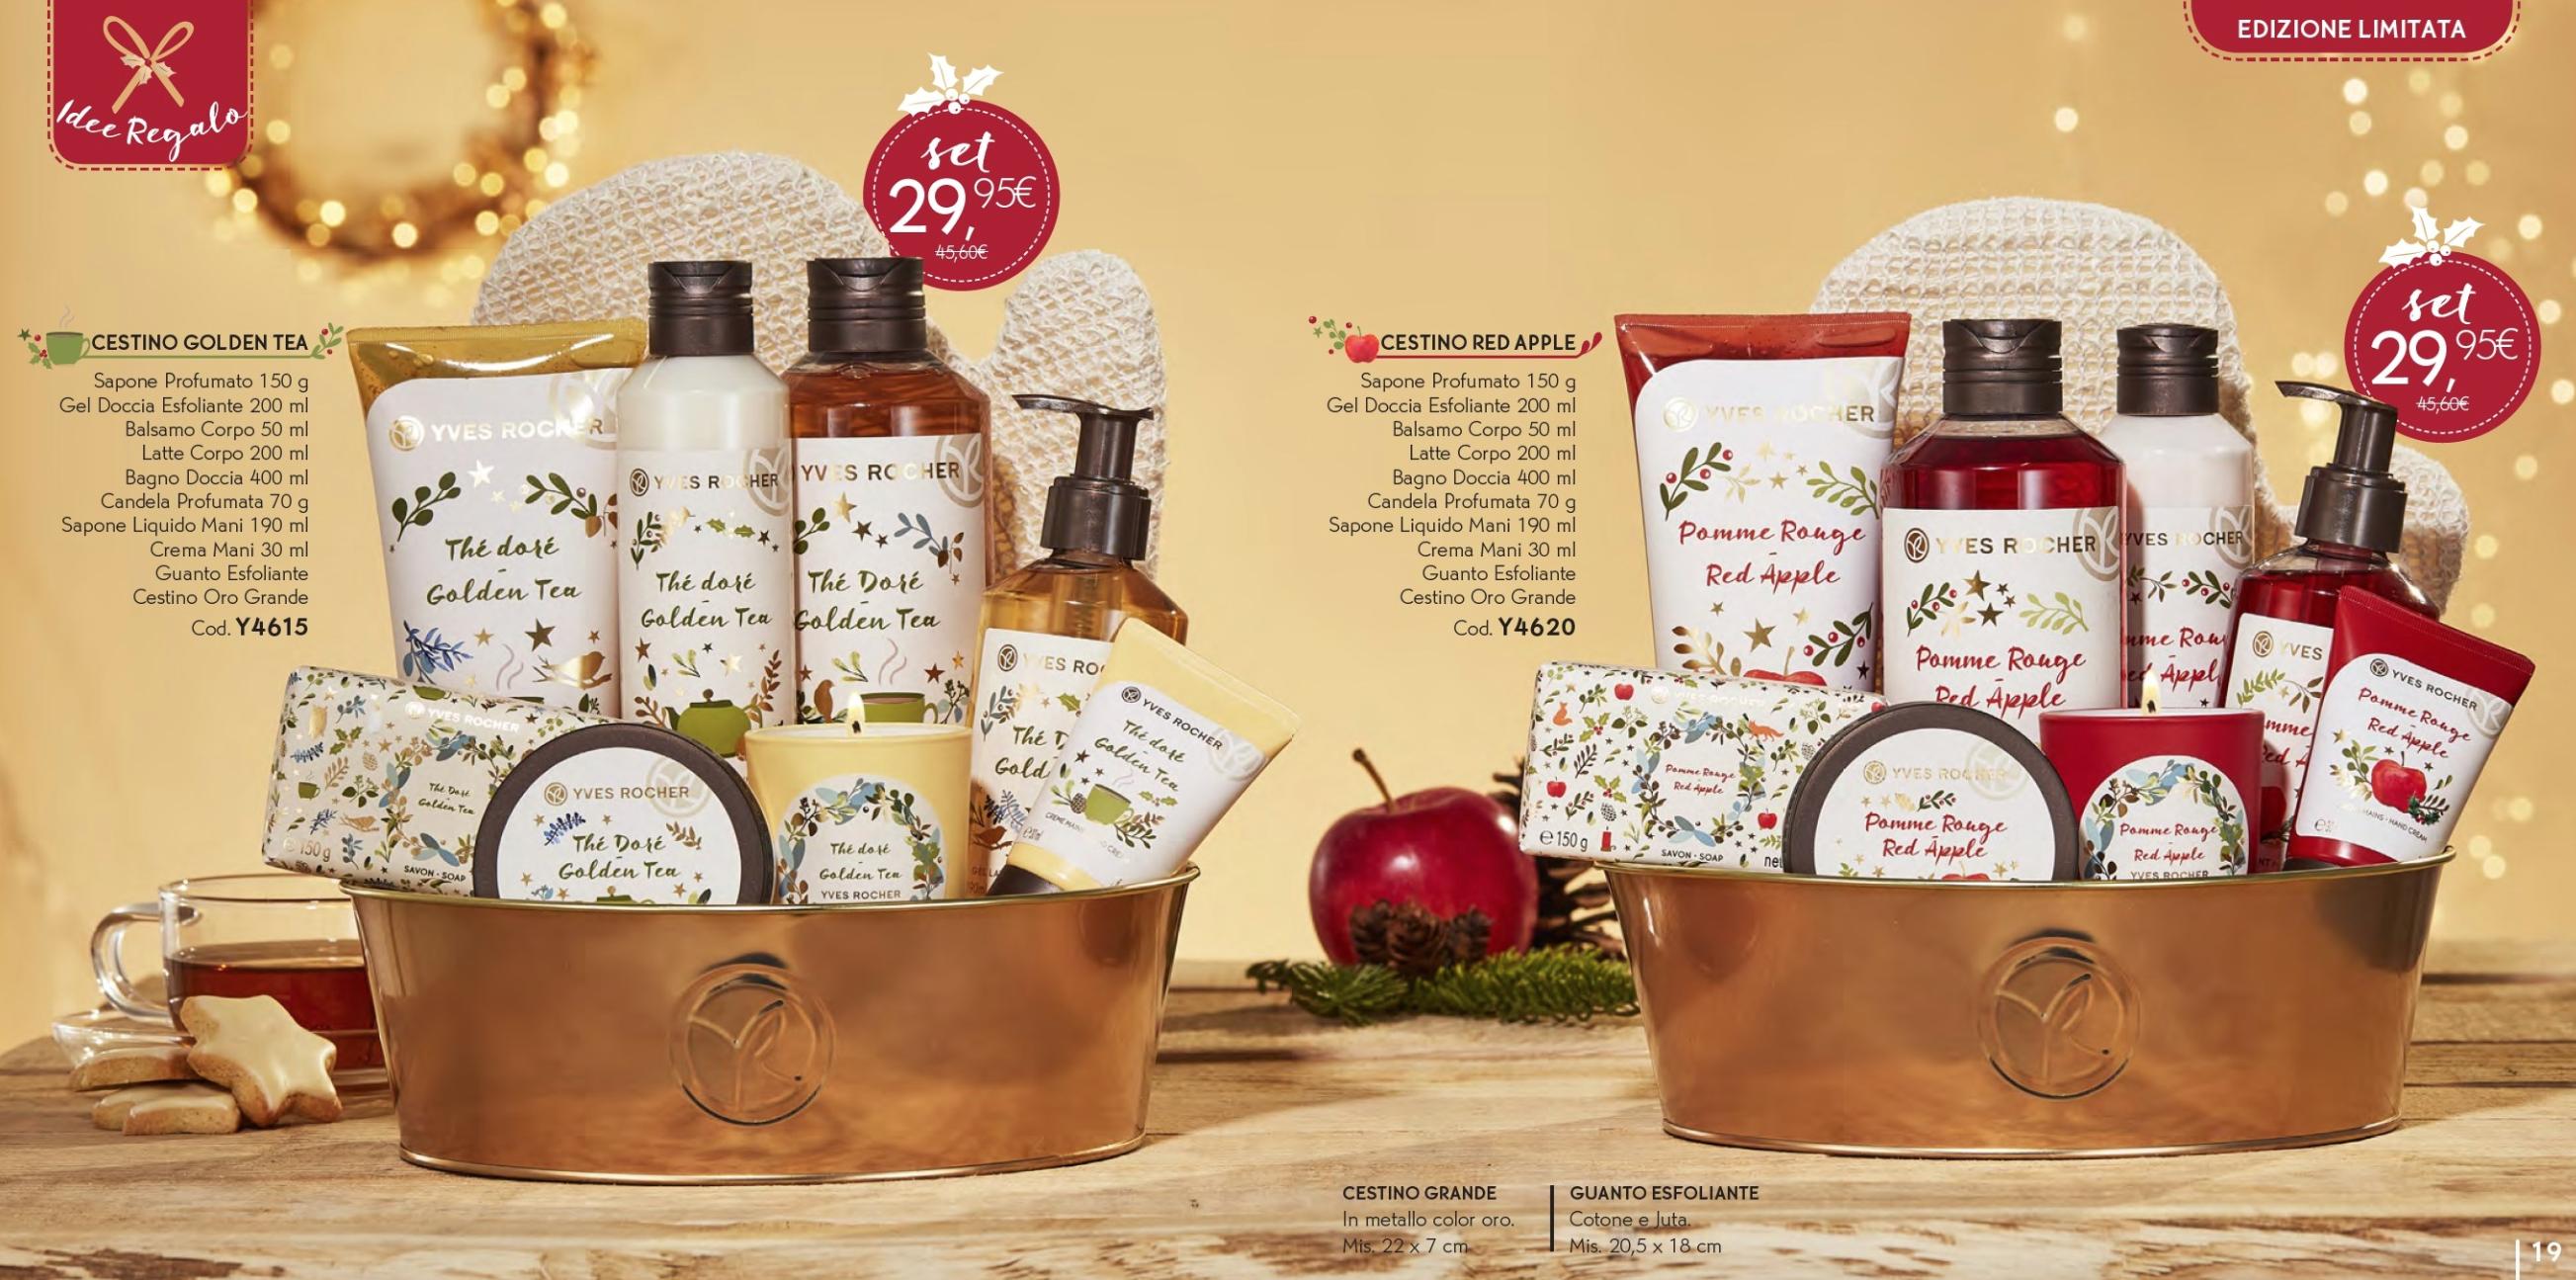 Il Natale Yves Rocher - Idee regalo, cofanetti, info, review, recensione, prezzo, cestini - Cestini 4